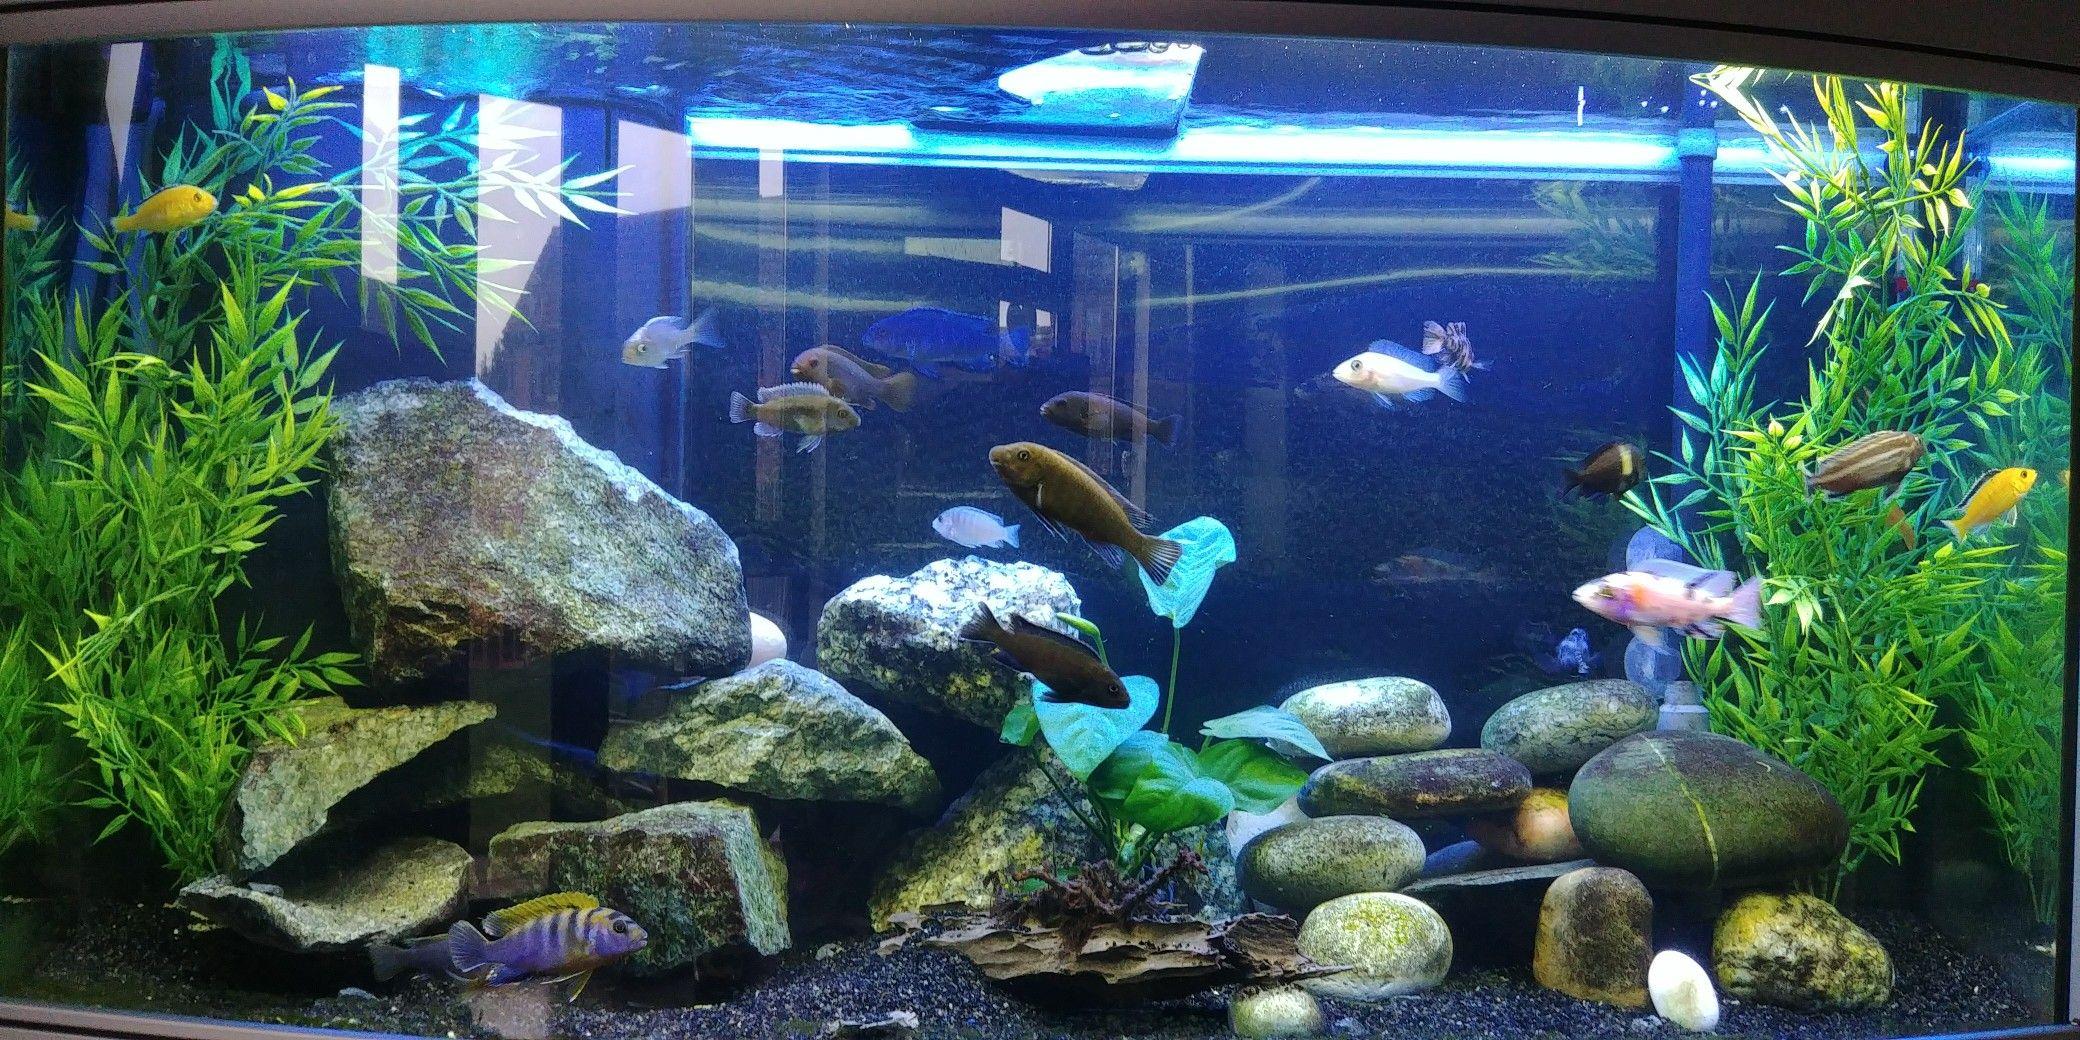 c5b1a1006a77fbe84d51b32a8ac075b8 Luxe De Crevette Aquarium Des Idées